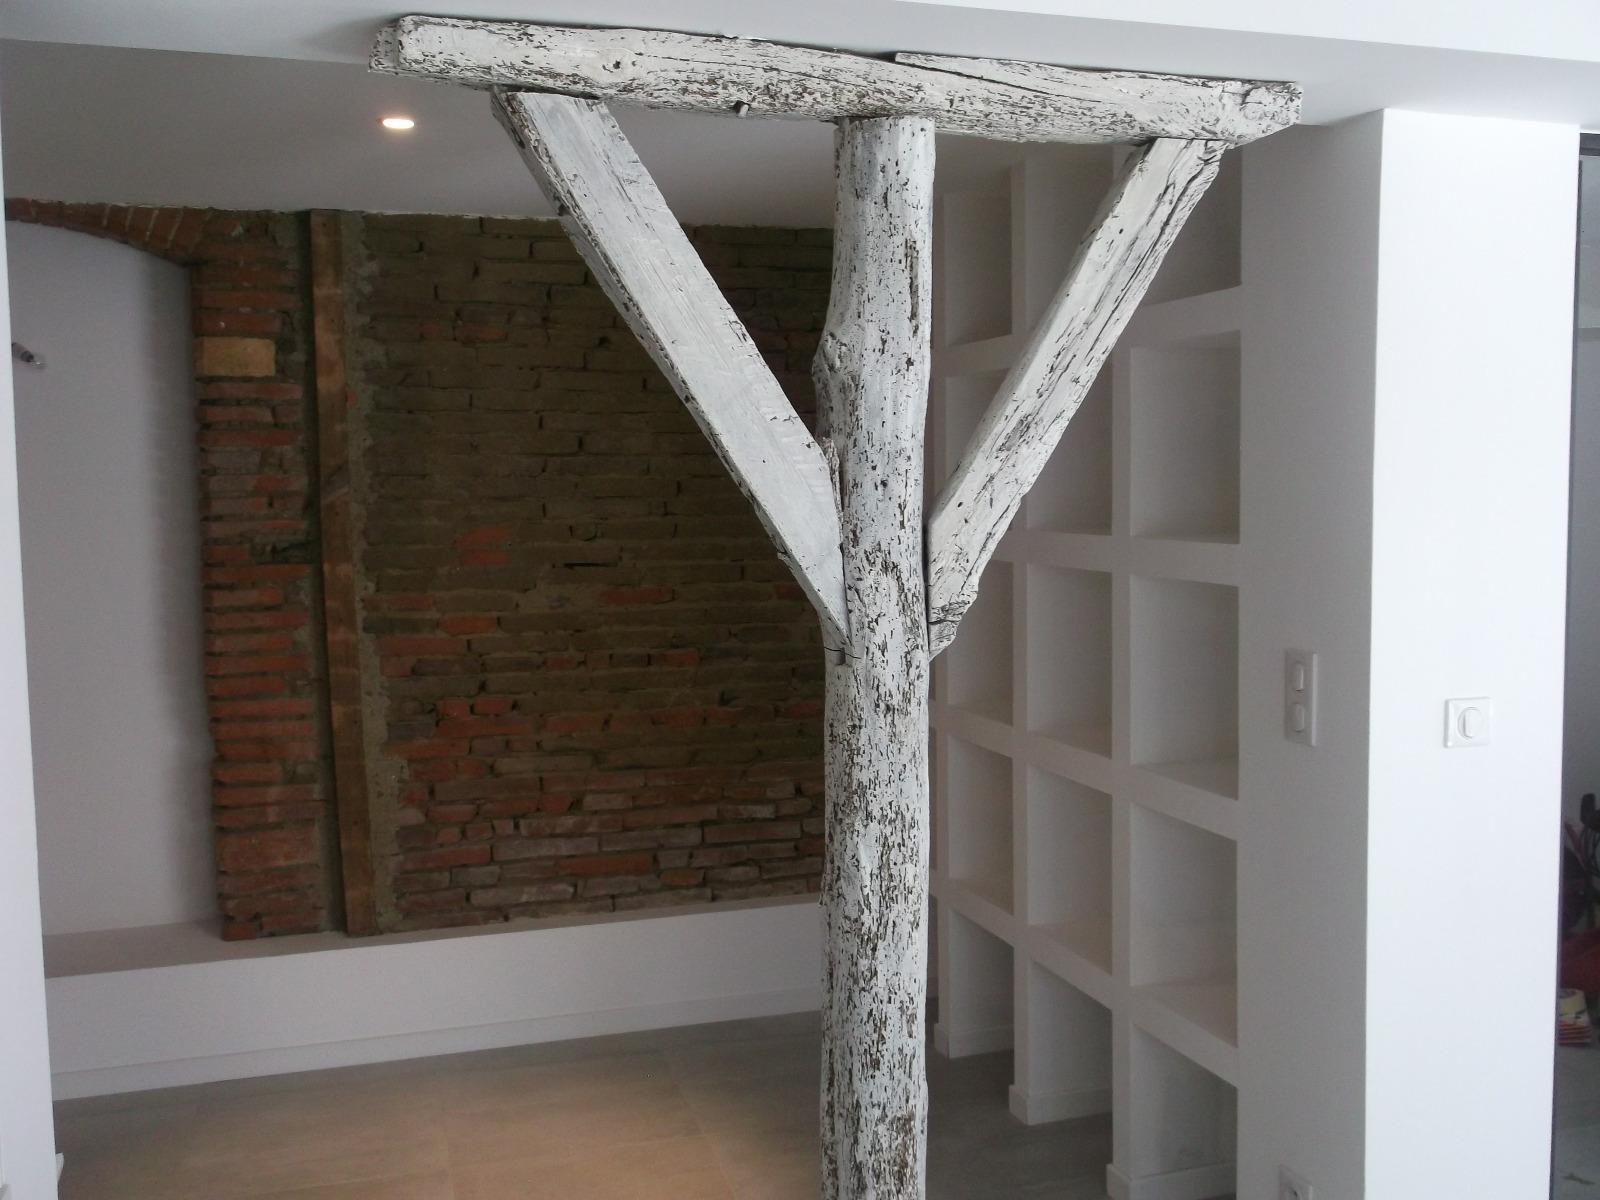 Brique De Verre Dans Placo plâtrerie, plaque de plâtre, isolation, vidoni claude à